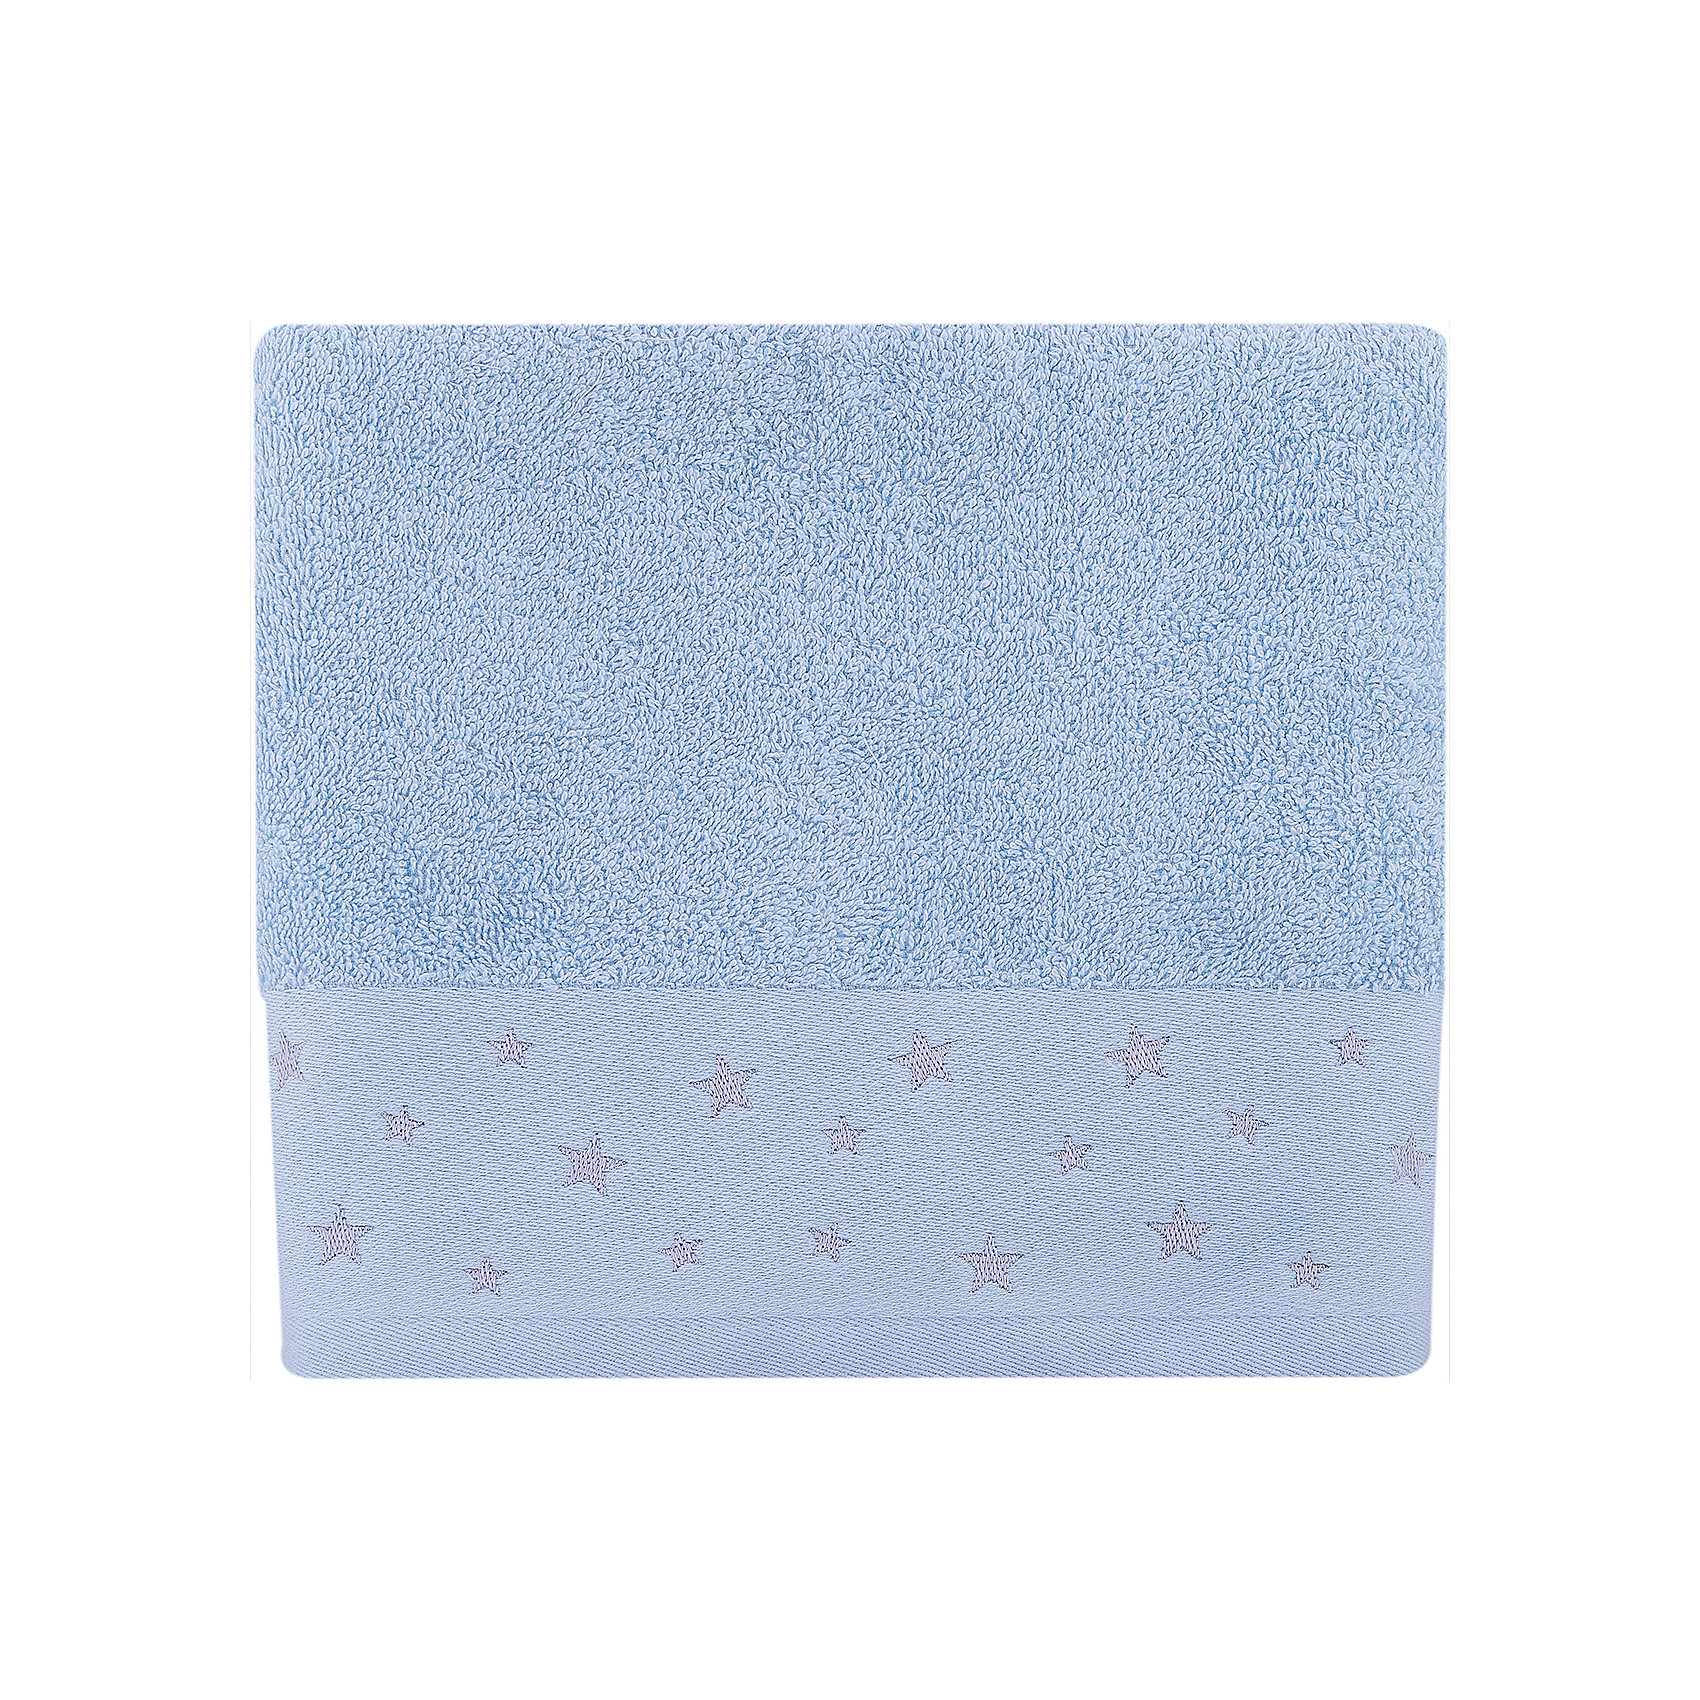 Полотенце махровое 50*90 Звездопад, Cozy Home, голубойВанная комната<br>Полотенце махровое 50*90 Звездопад, Cozy Home (Кози Хоум). голубой<br><br>Характеристики:<br><br>• хорошо впитывает влагу<br>• интересный дизайн<br>• материал: хлопок<br>• размер: 50х90 см<br>• цвет: голубой<br><br>Полотенце от Cozy Home имеет очень приятную расцветку, а его края украшены вышивкой в виде маленьких блестящих звездочек. Оно изготовлено из высококачественного хлопка. Хлопок очень популярен благодаря таким свойствам как гипоаллергенность, мягкость и терморегуляция. Полотенце быстро впитает влагу за счет высокой гигроскопичности и подарит вам комфортные ощущения после водных процедур. Кроме того, полотенце не изменится в размере и не потеряет свой цвет после стирок.<br><br>Полотенце махровое 50*90 Звездопад, Cozy Home (Кози Хоум), голубой вы можете купить в нашем интернет-магазине.<br><br>Ширина мм: 150<br>Глубина мм: 250<br>Высота мм: 150<br>Вес г: 250<br>Возраст от месяцев: 0<br>Возраст до месяцев: 216<br>Пол: Унисекс<br>Возраст: Детский<br>SKU: 5355286